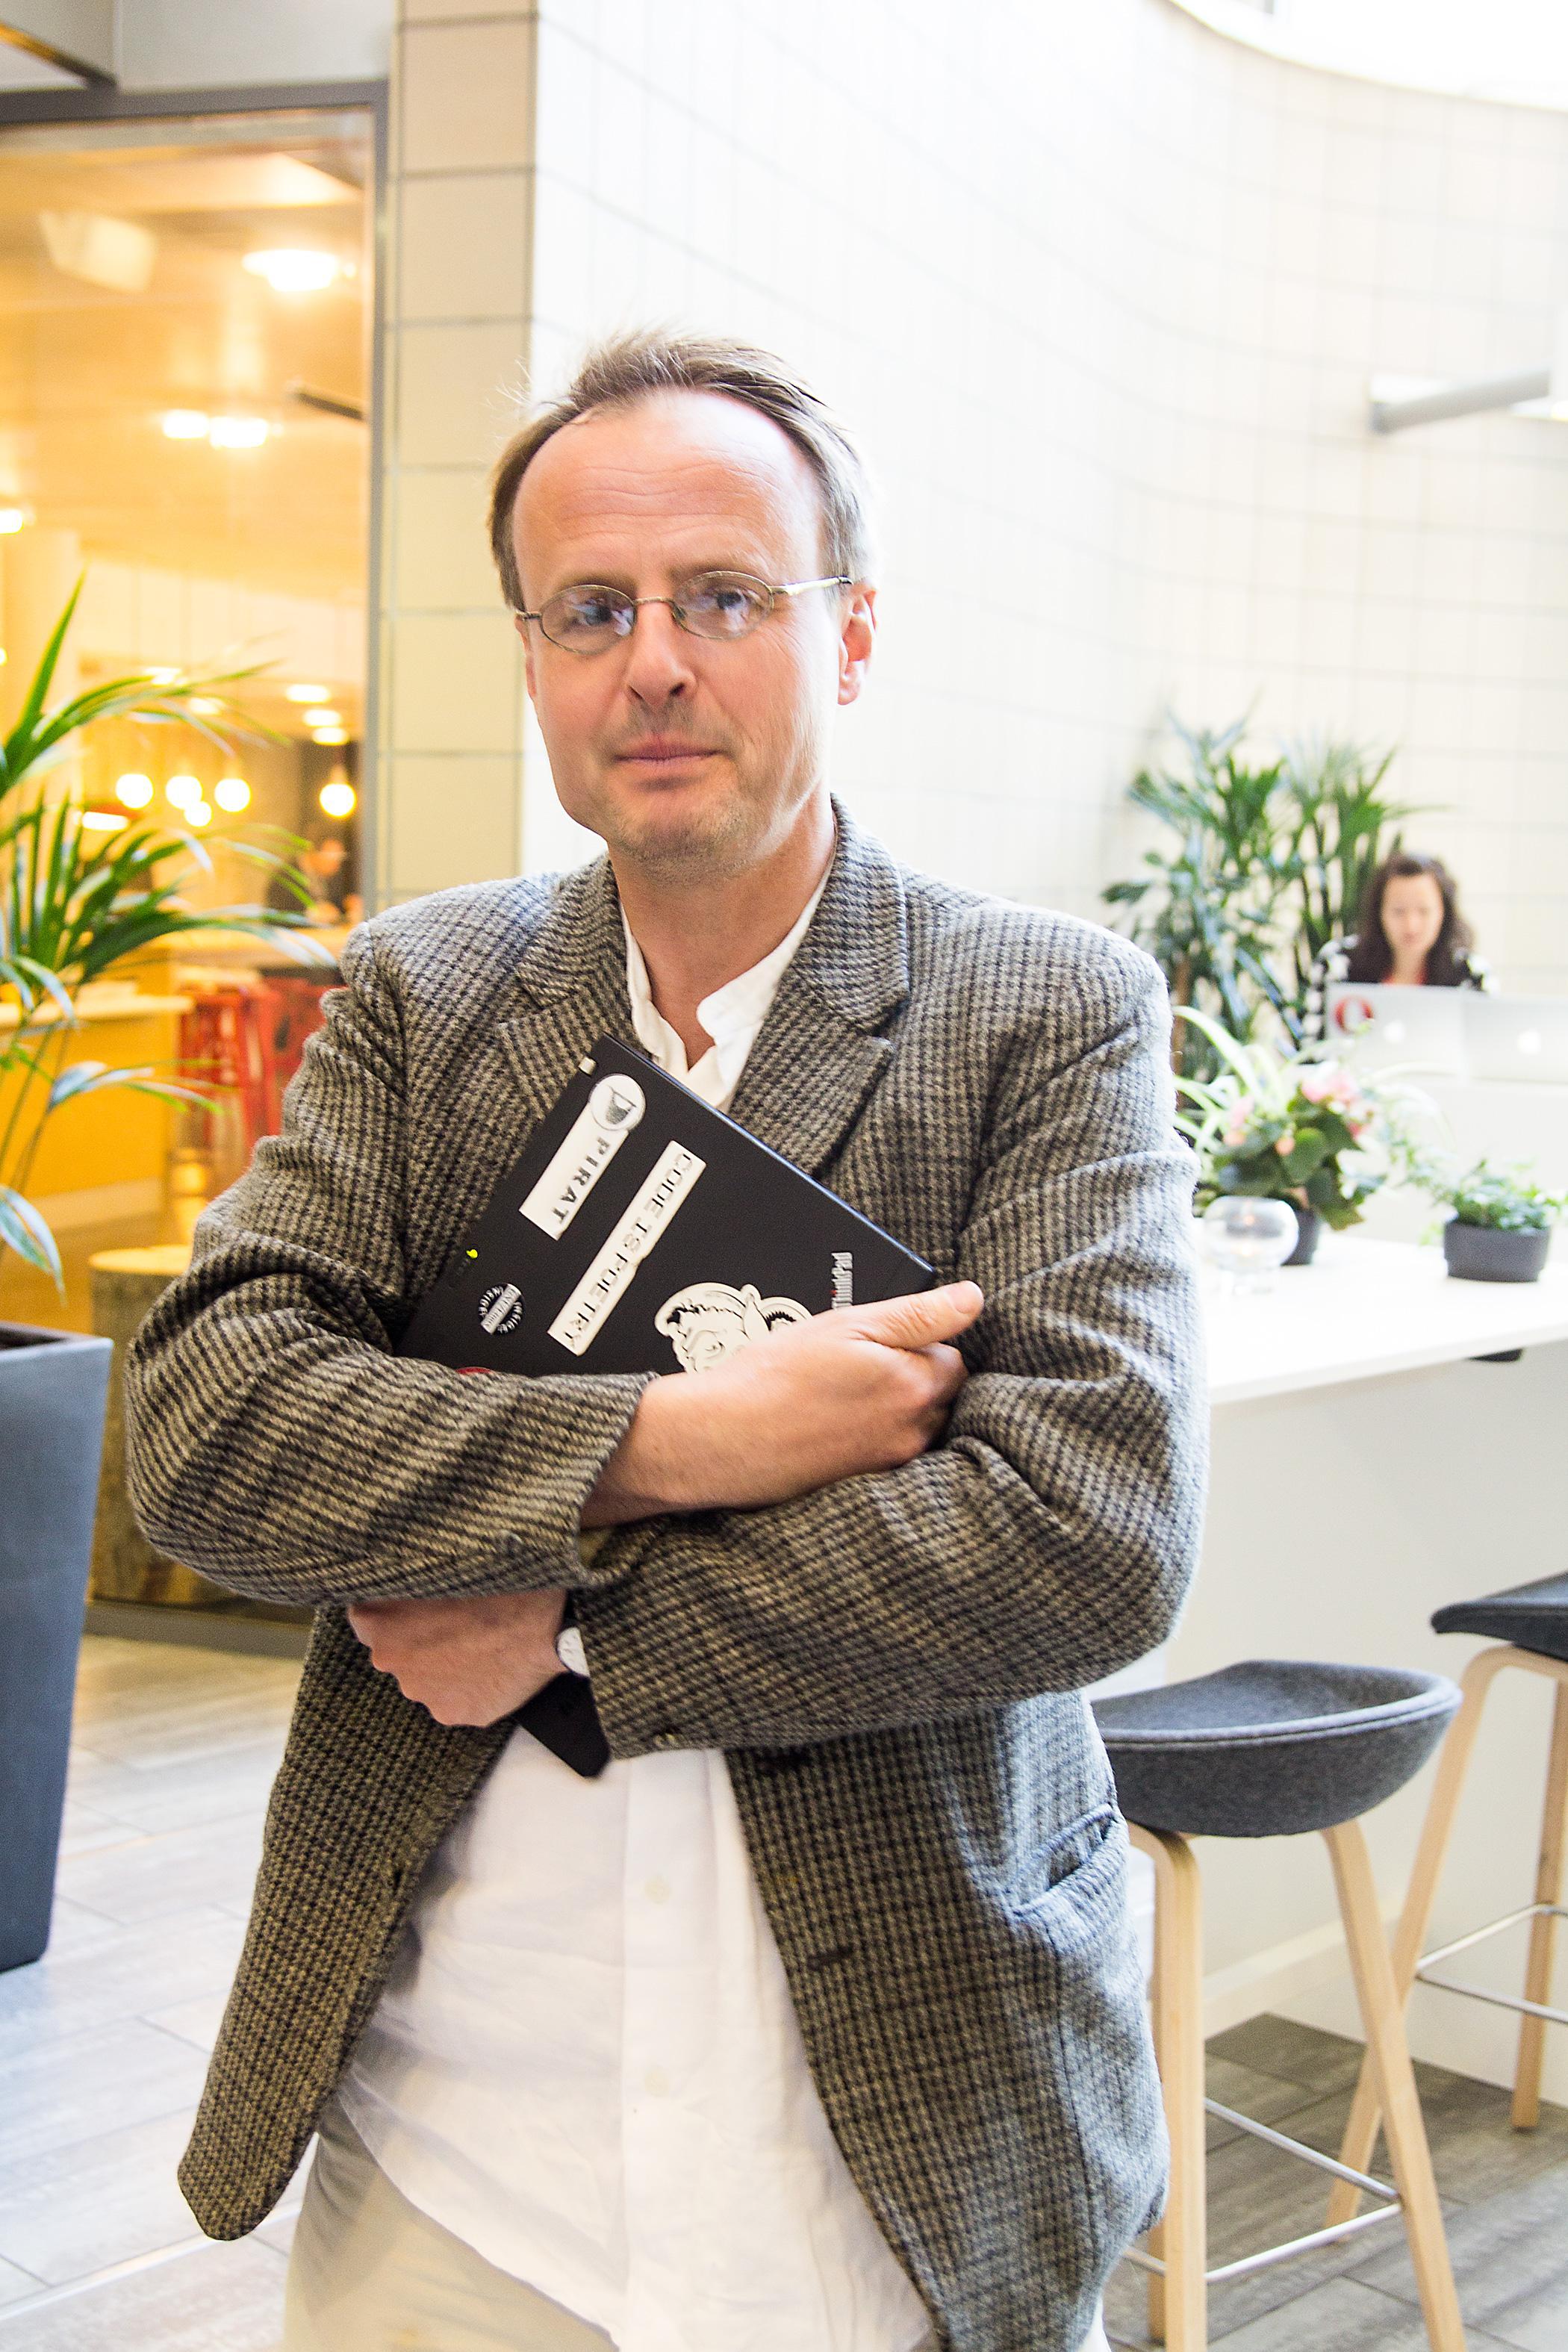 Håkon Wium Lie i Piratpartiet synes det er skremmende at den nye åndsverksloven kunne vedtas med så lite debatt.Foto: Varg Aamo, Hardware.no